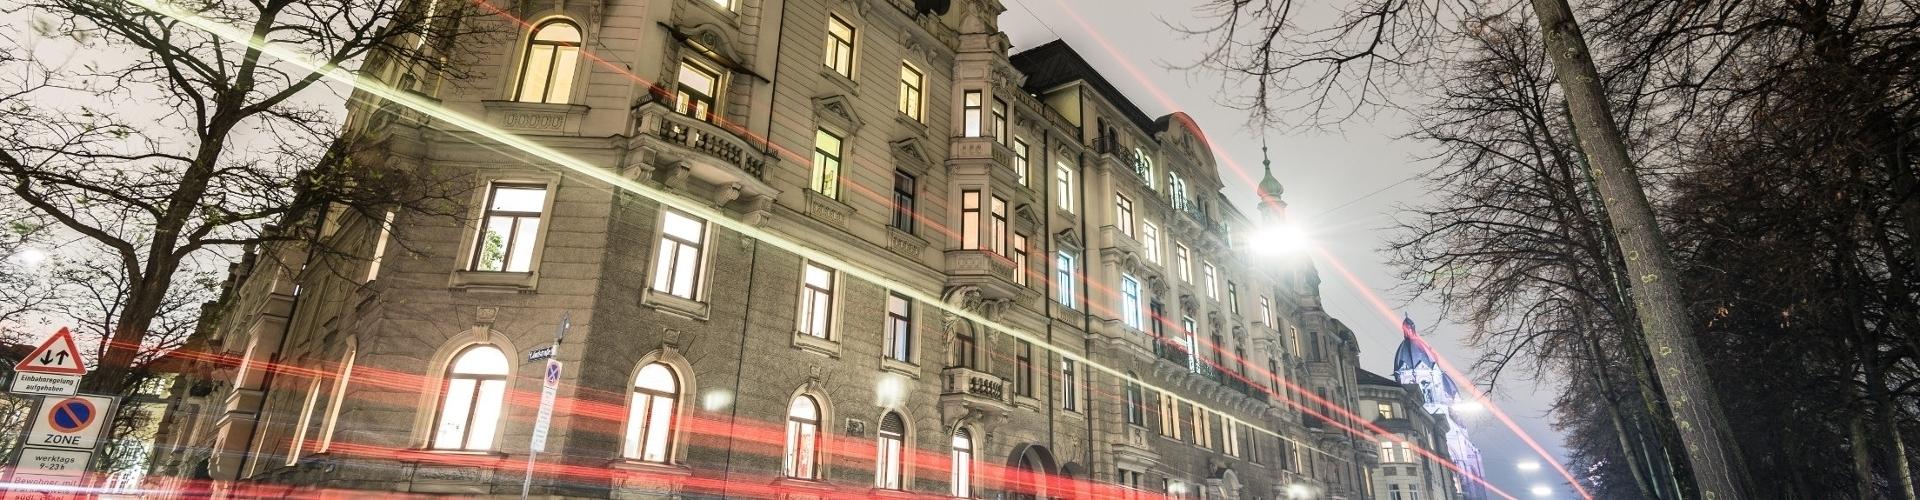 Blick auf das Haus der Praxis für Oralchirurgie von Dr. Annette Felderhoff-Fischer in München